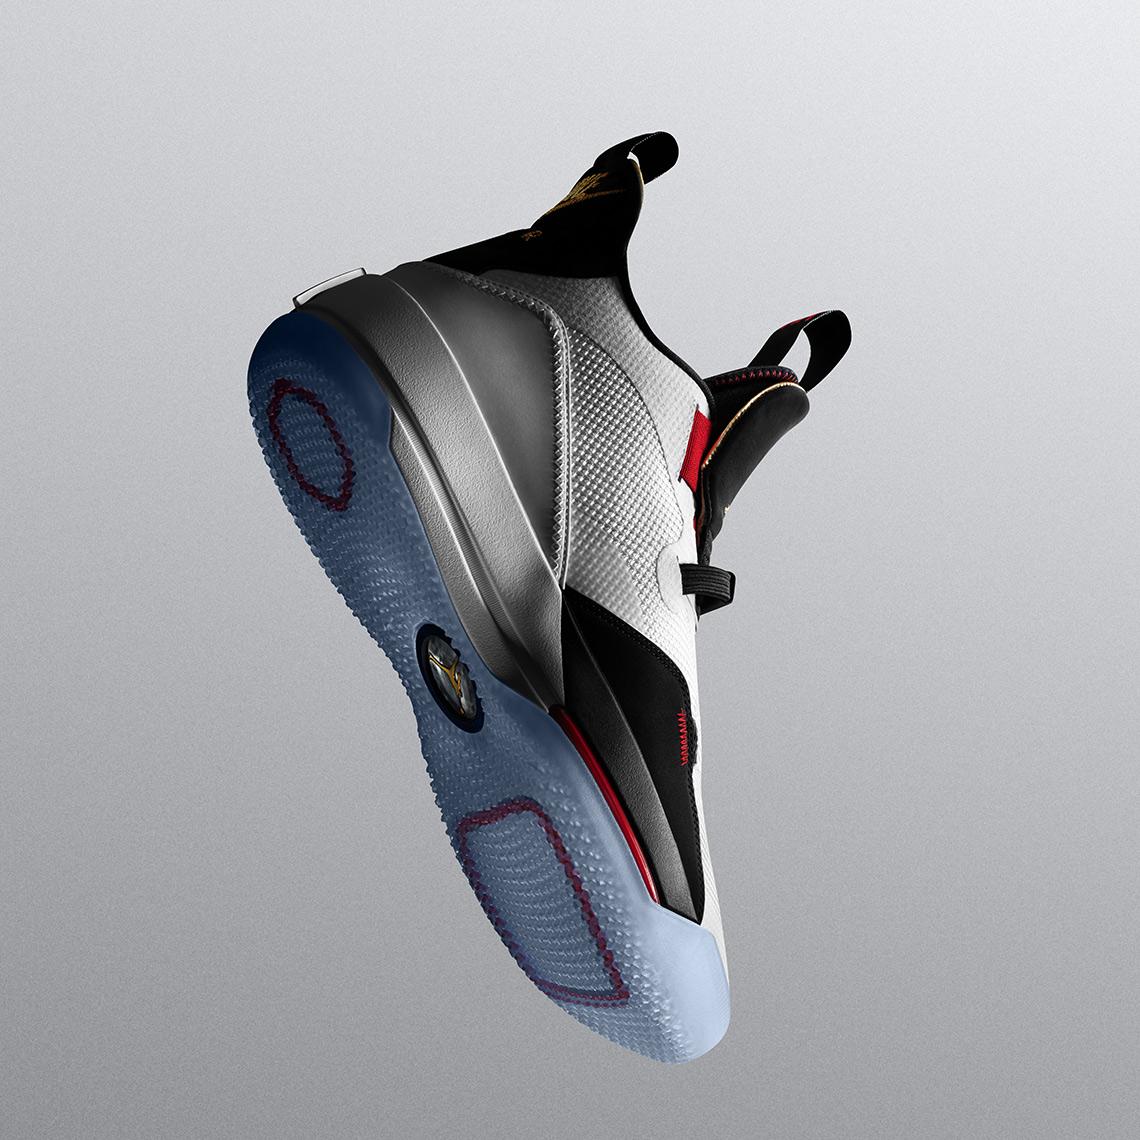 new style 5889b ec701 Air Jordan 33 Release Date   SneakerNews.com